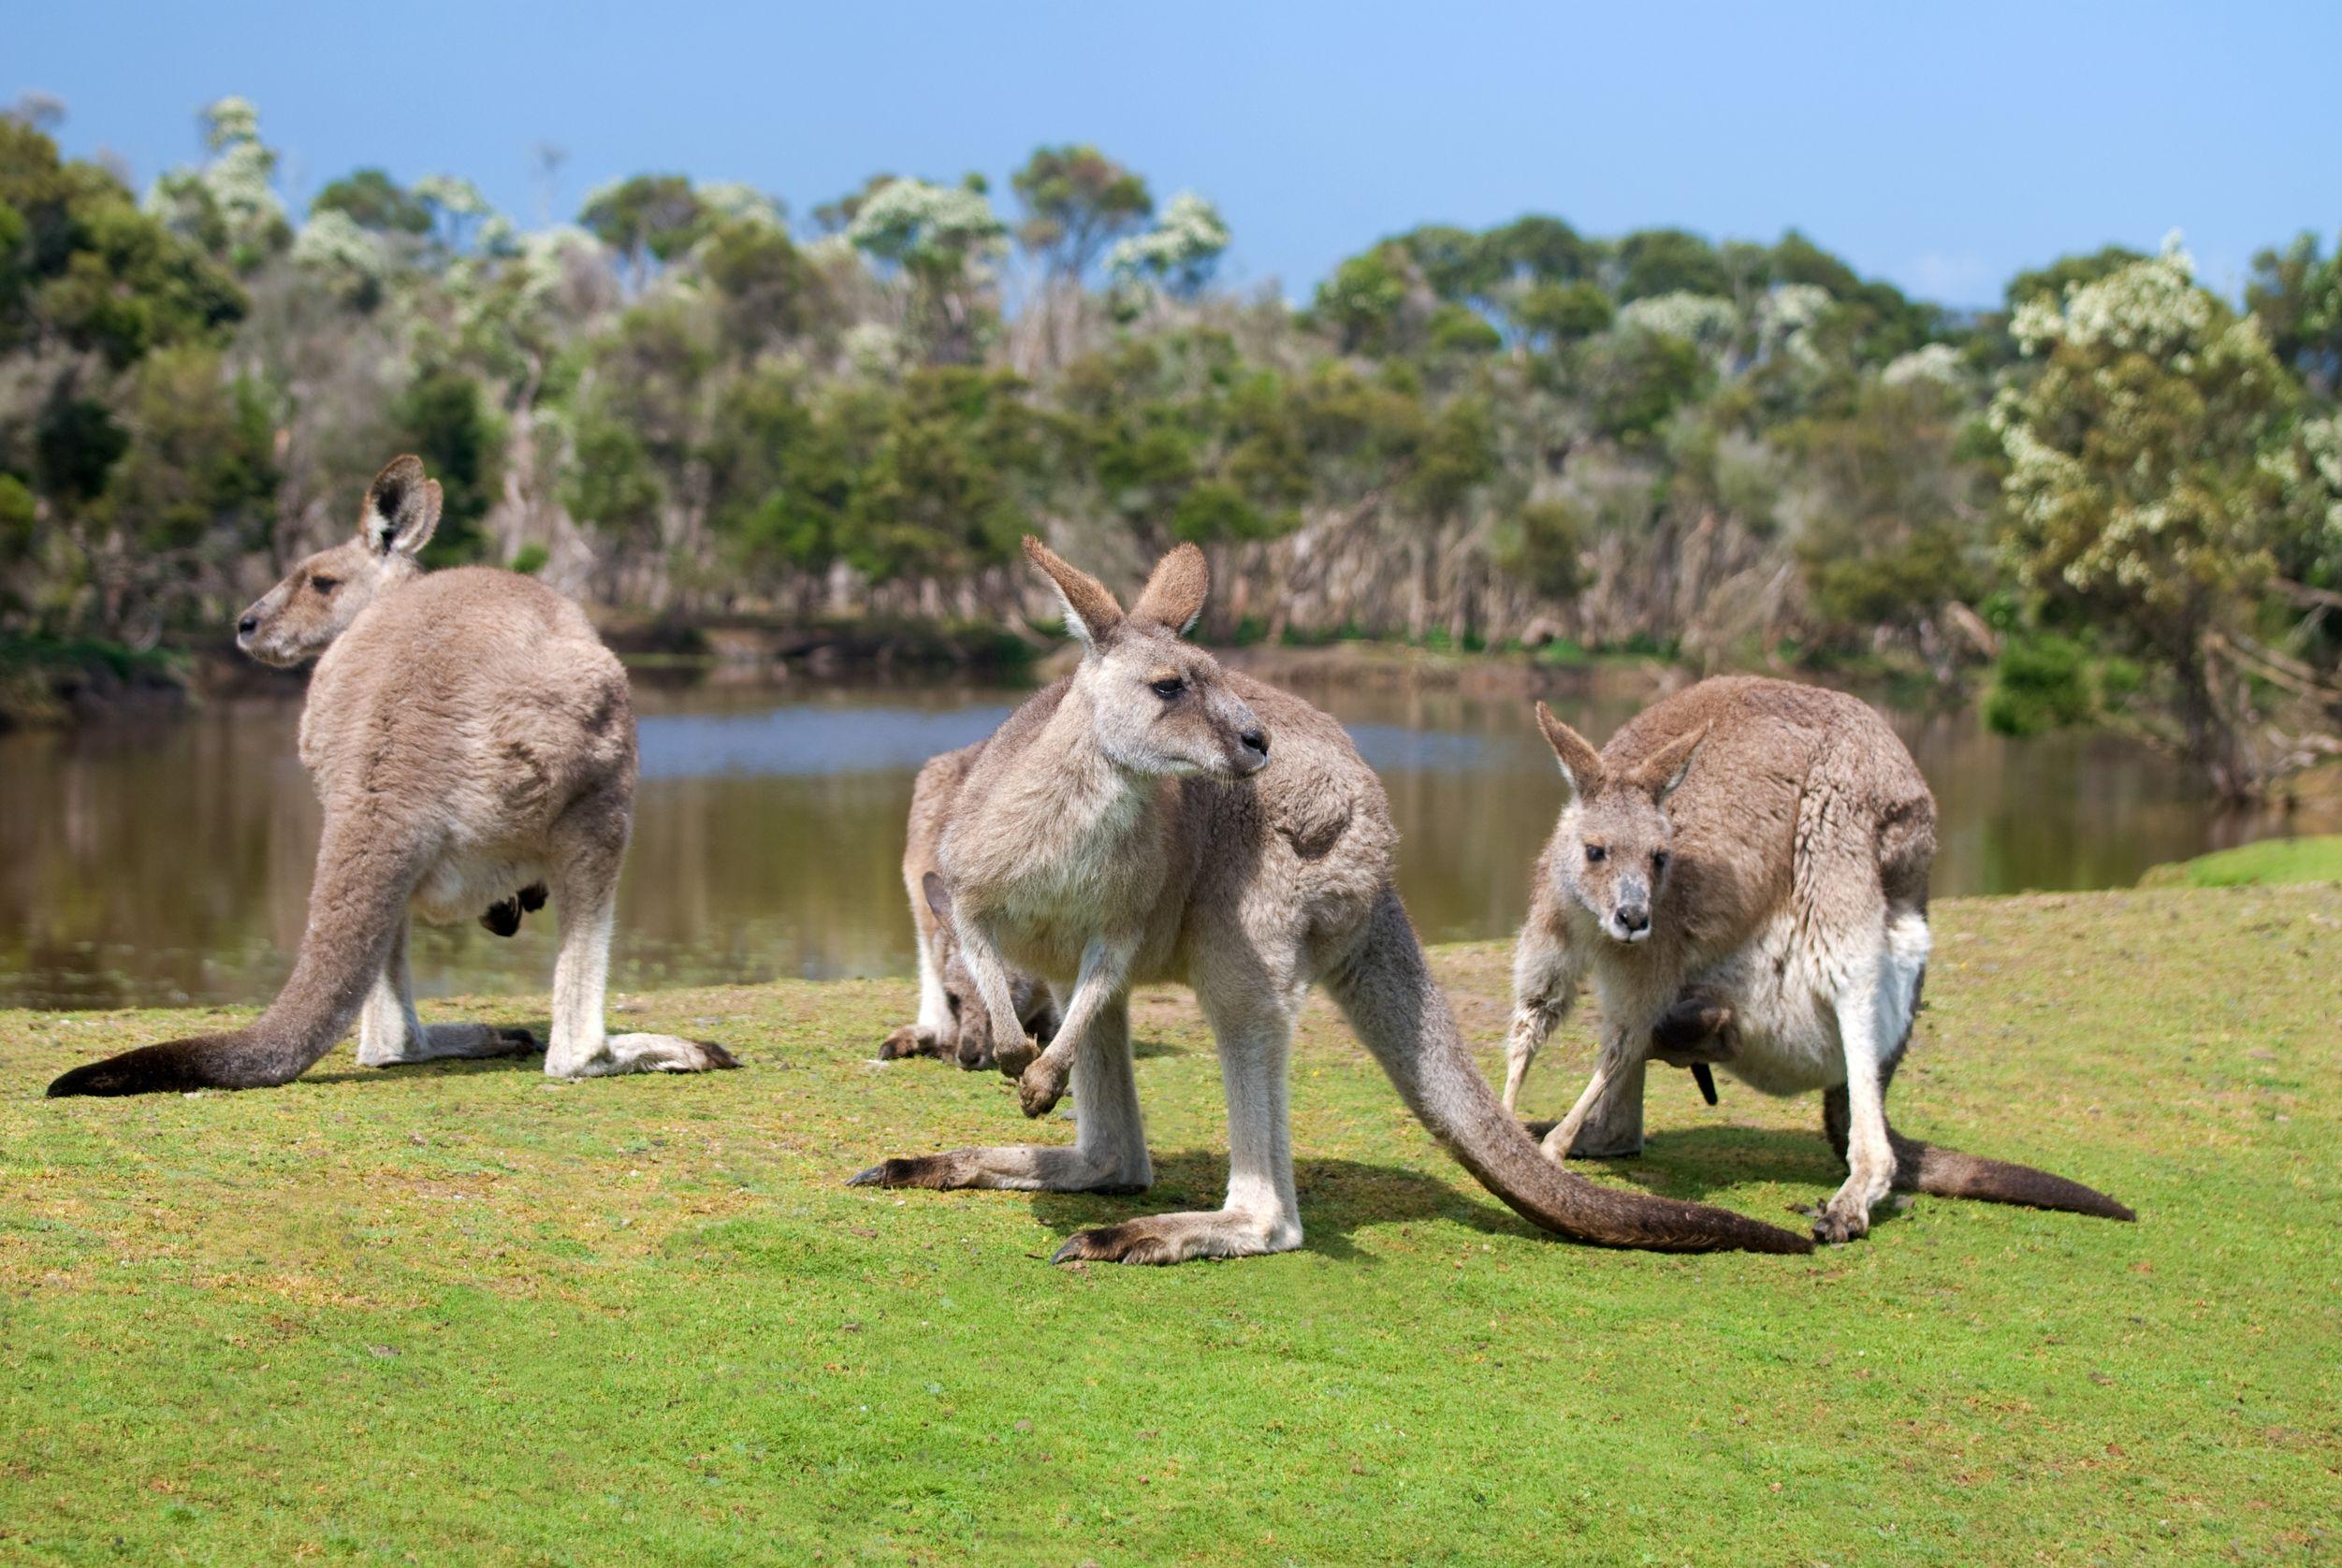 australia kangaroos by lake 123rf